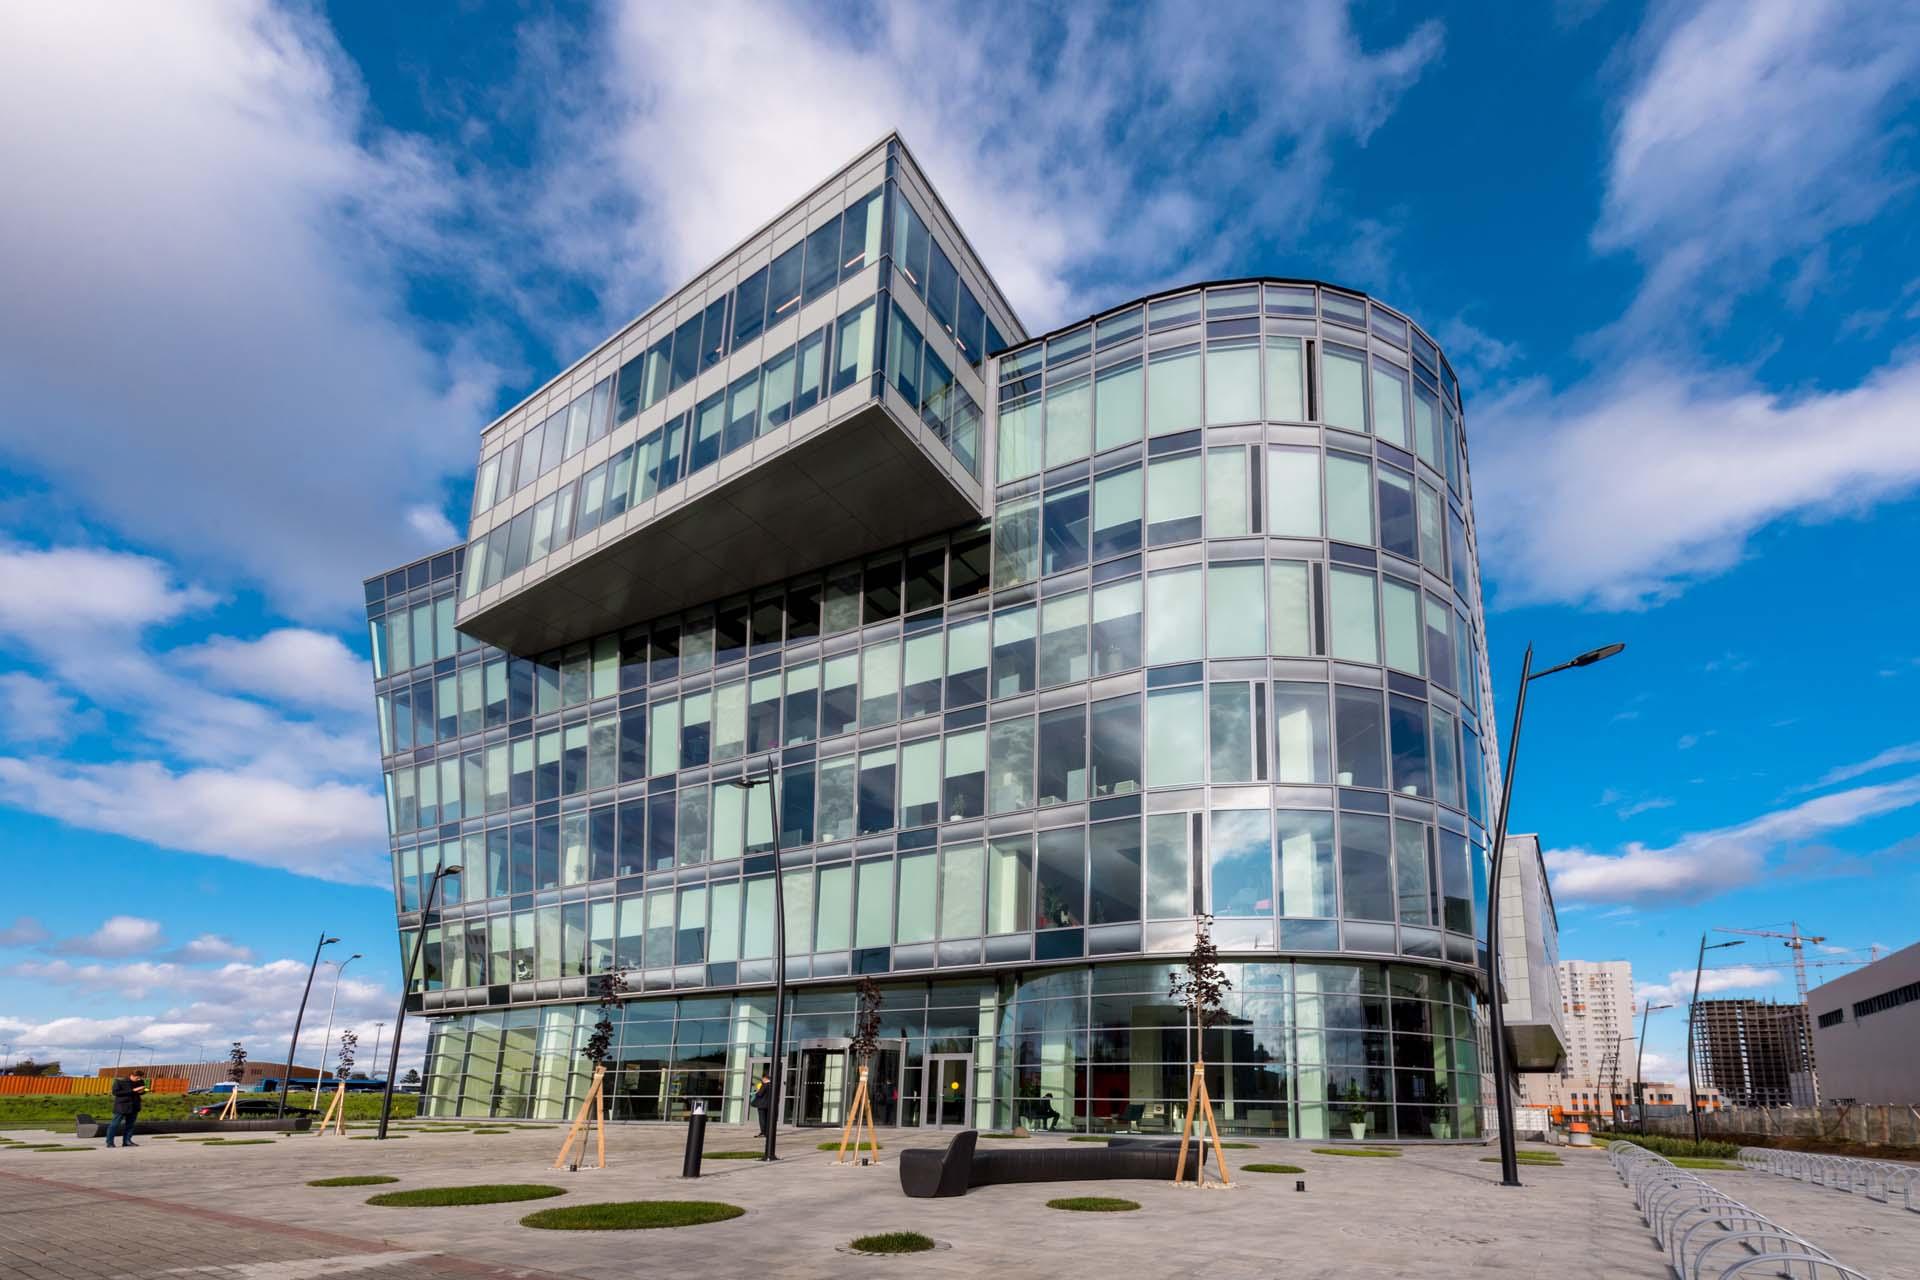 Здание научно-технического центра ТМК и Группы Синара в Сколково получило международное признание за экологи …